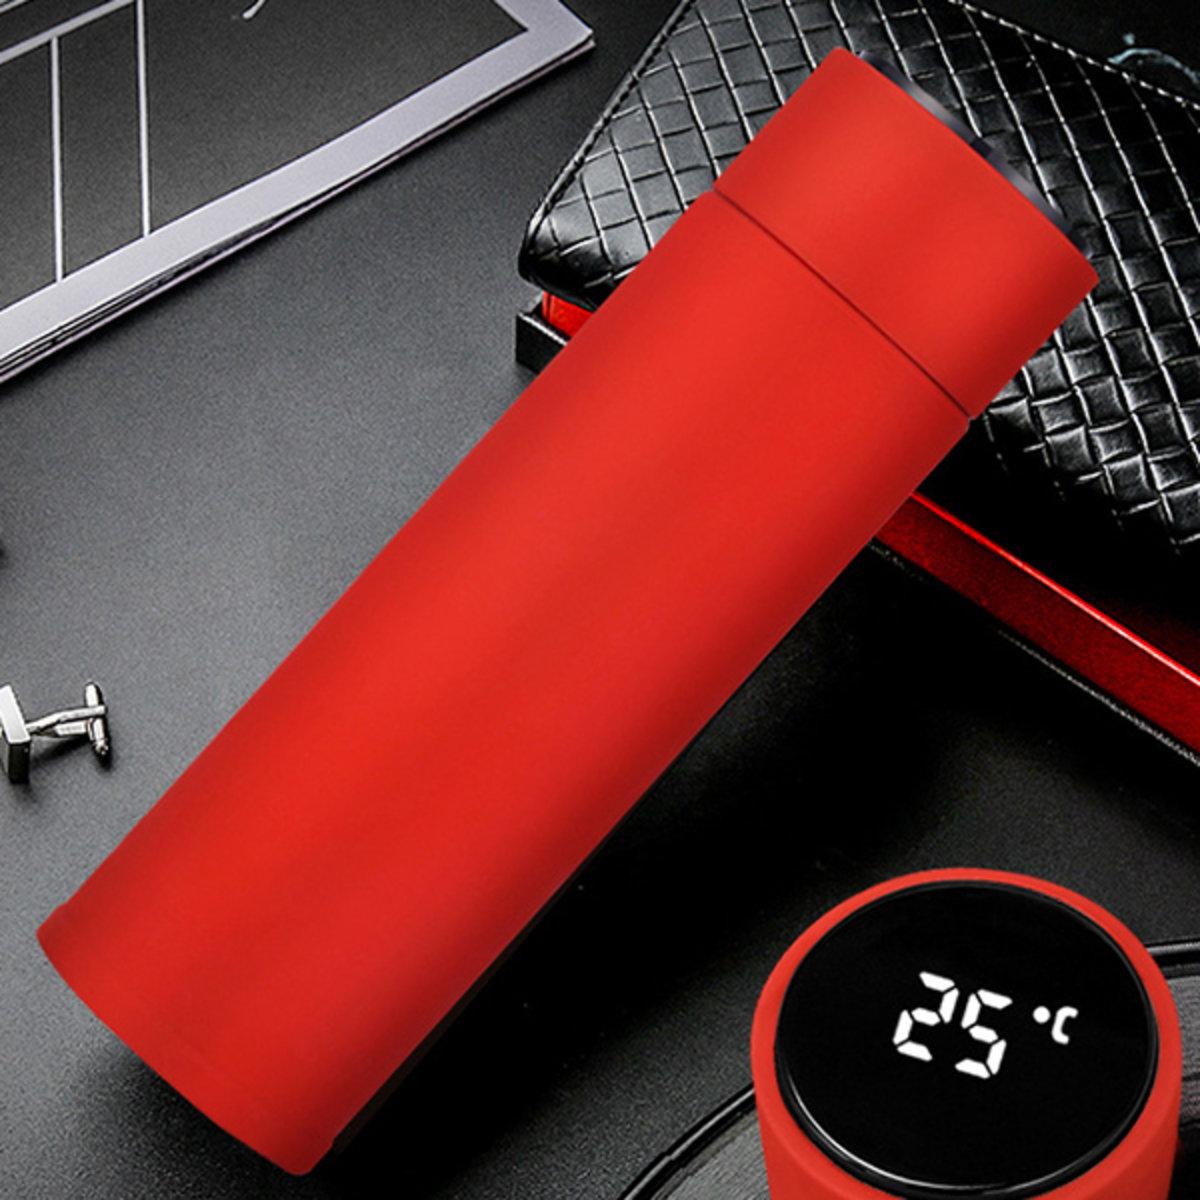 [瘋狂MORE Dollar]LED觸摸溫度顯示316不鏽鋼智能保溫杯